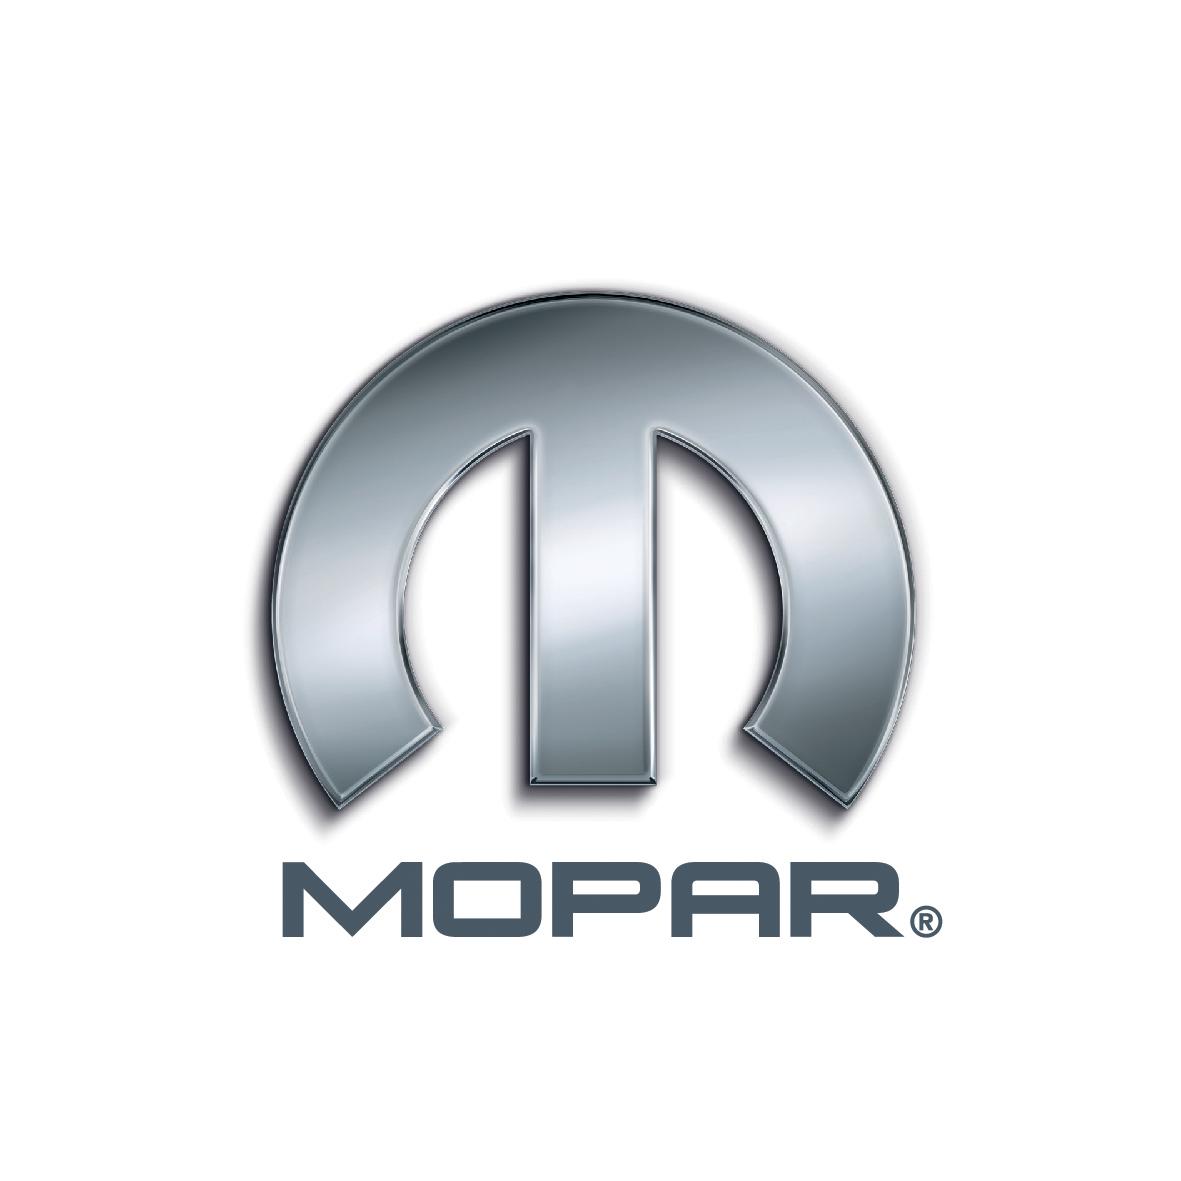 mid Düsseldorf - Scheibenwischer der Fiat-Chrysler-Marke Mopar gibt es bei den Servicehändlern in Deutschland bis Jahresende für 14,99 Euro.